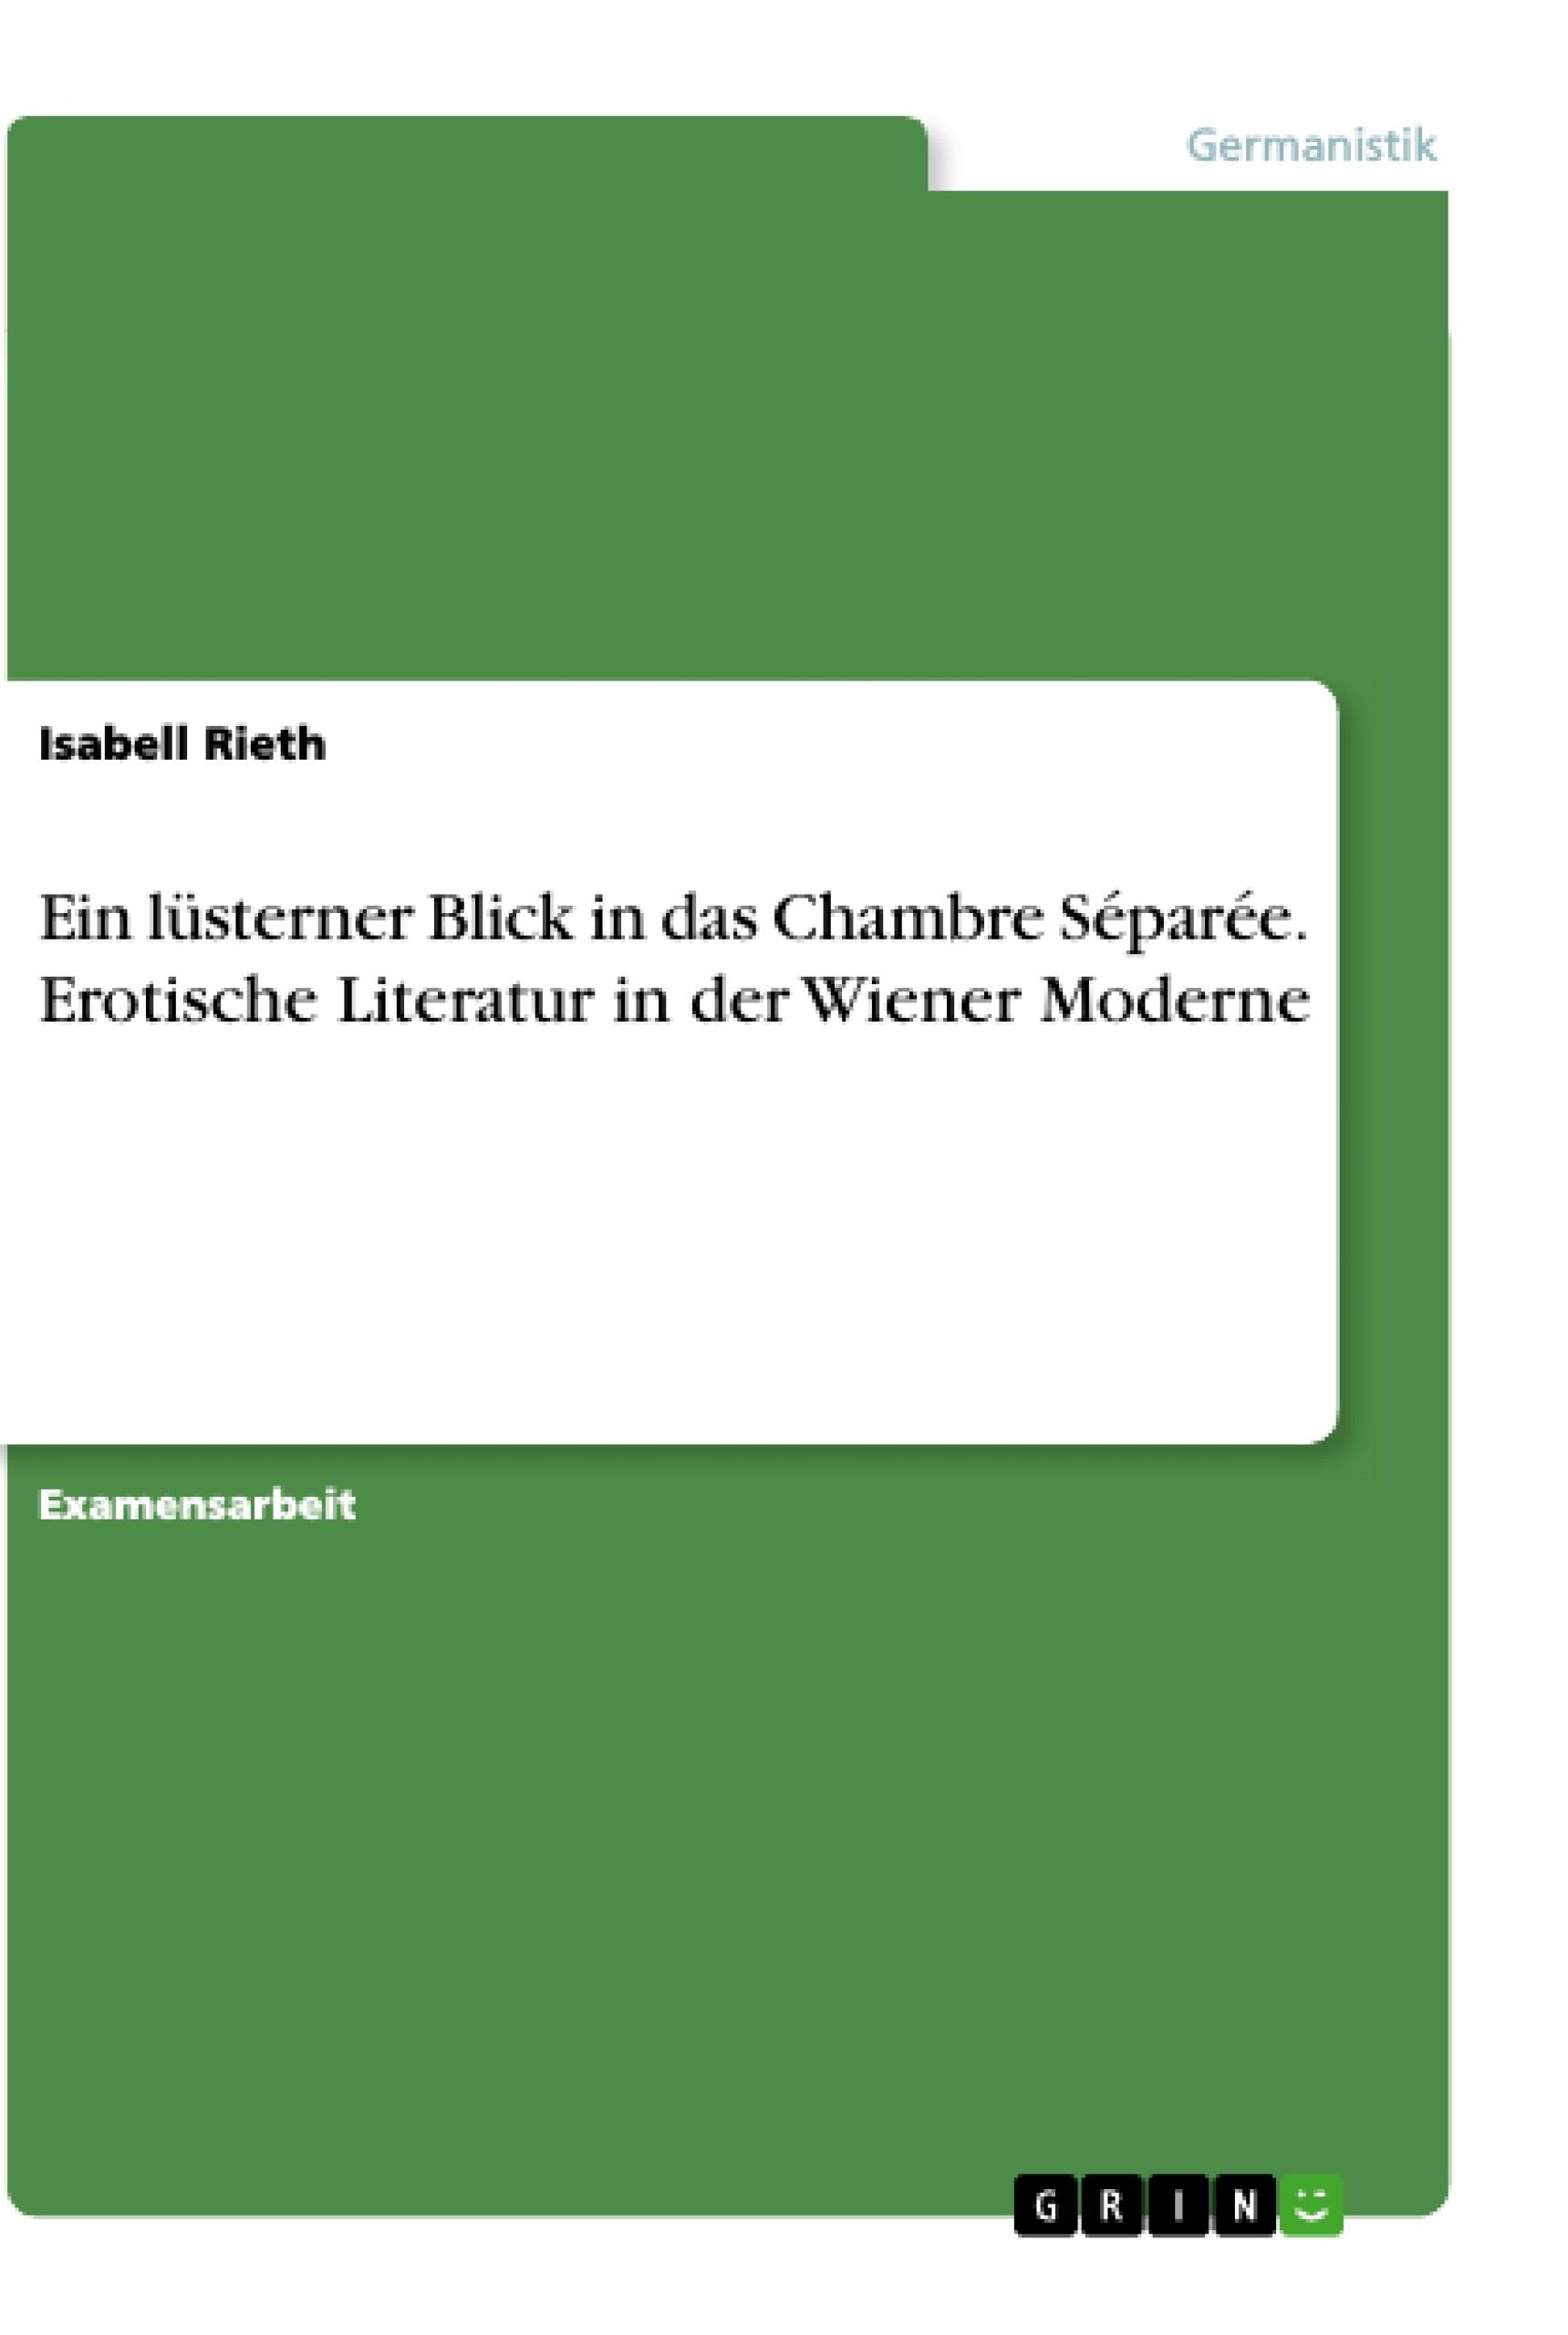 Titel: Ein lüsterner Blick in das Chambre Séparée. Erotische Literatur in der Wiener Moderne